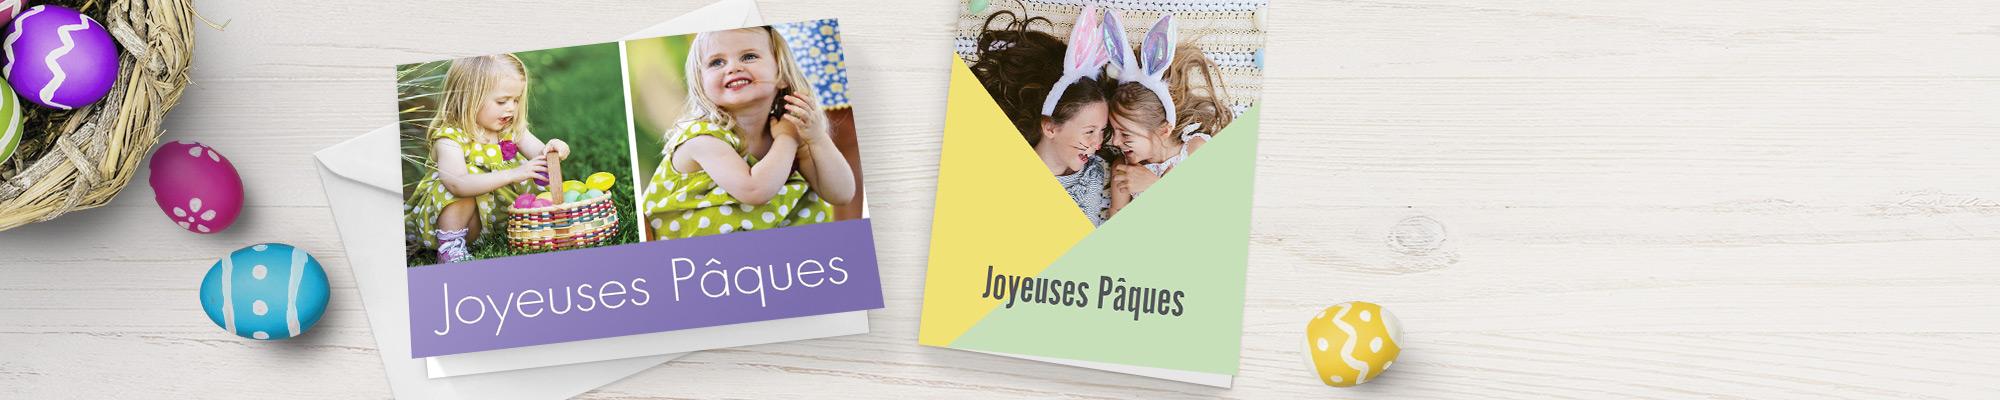 Cartes personnalisées avec photos